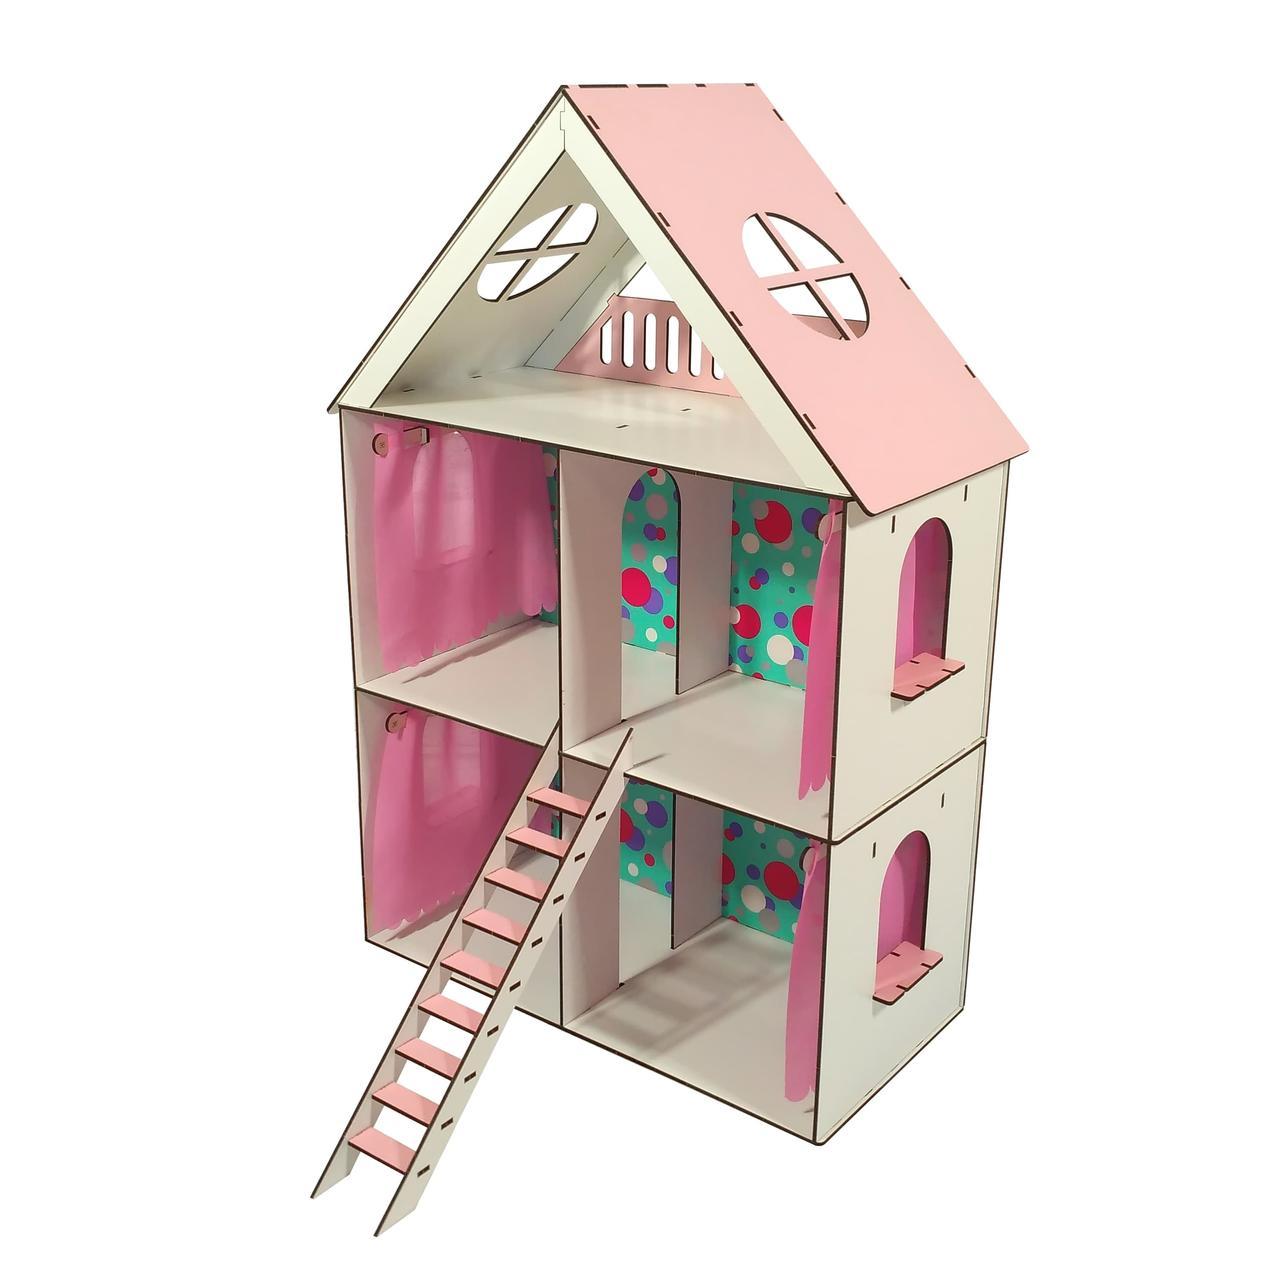 Домики для маленьких кукол Домик для LOL LITTLE FUN maxi + обои + шторки высота этажа - 20 см